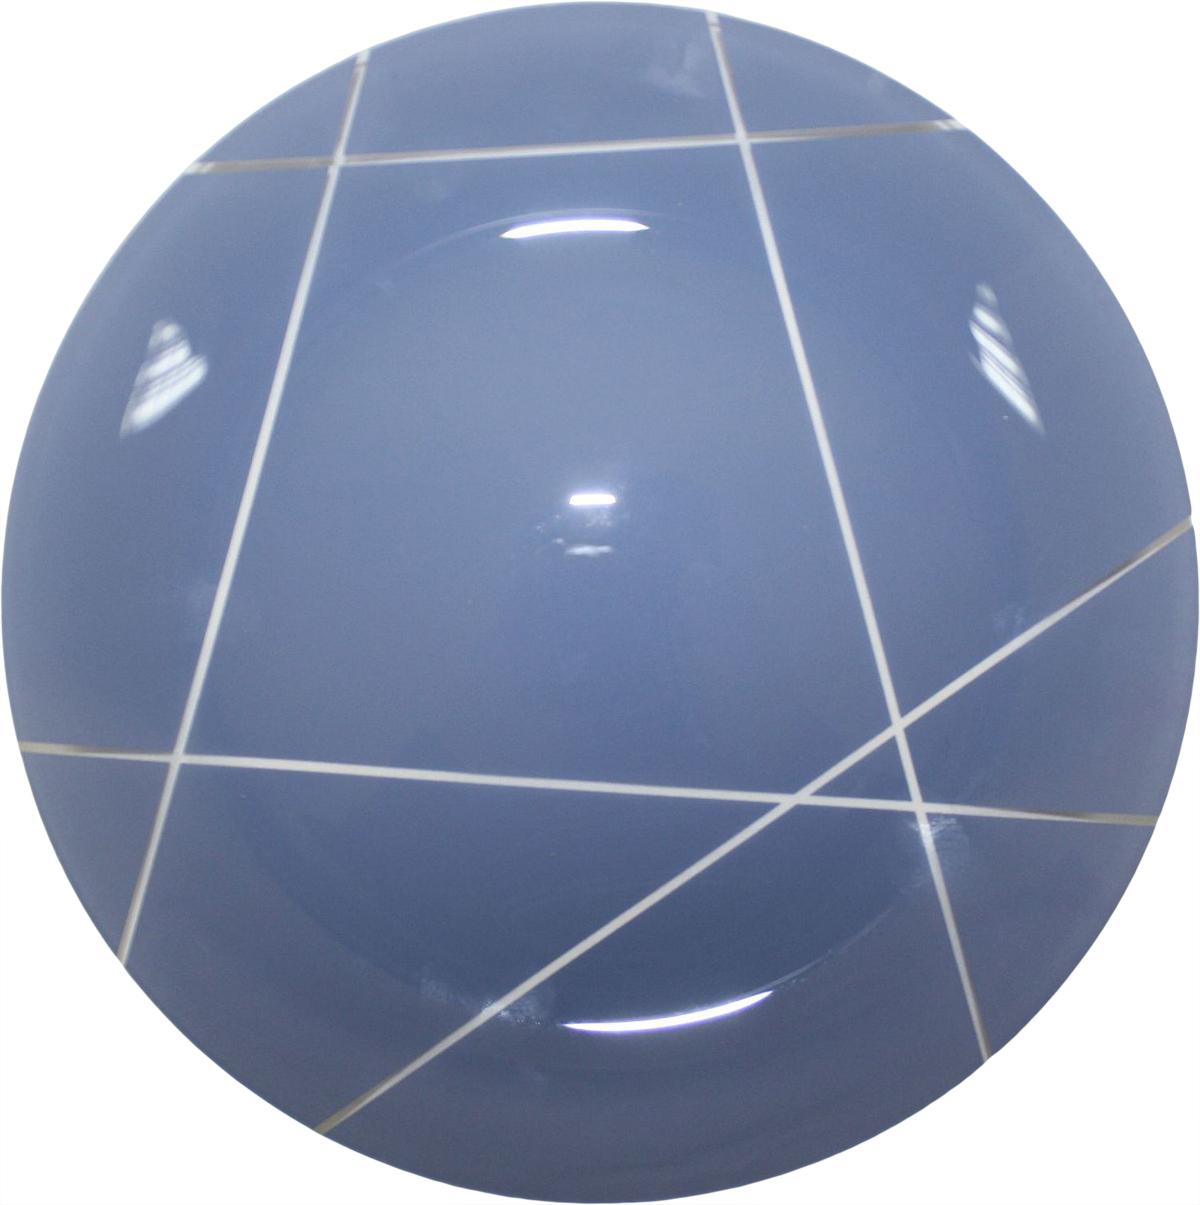 Тарелка NiNaGlass Контур, цвет: голубой, диаметр 26 см85-260-002псТарелка NiNaGlass Конус выполнена из высококачественного стекла и оформлена красивым прозрачным геометрическим принтом. Тарелка идеальна для подачи вторых блюд, а также сервировки закусок, нарезок, салатов, овощей и фруктов. Она отлично подойдет как для повседневных, так и для торжественных случаев. Такая тарелка прекрасно впишется в интерьер вашей кухни и станет достойным дополнением к кухонному инвентарю.